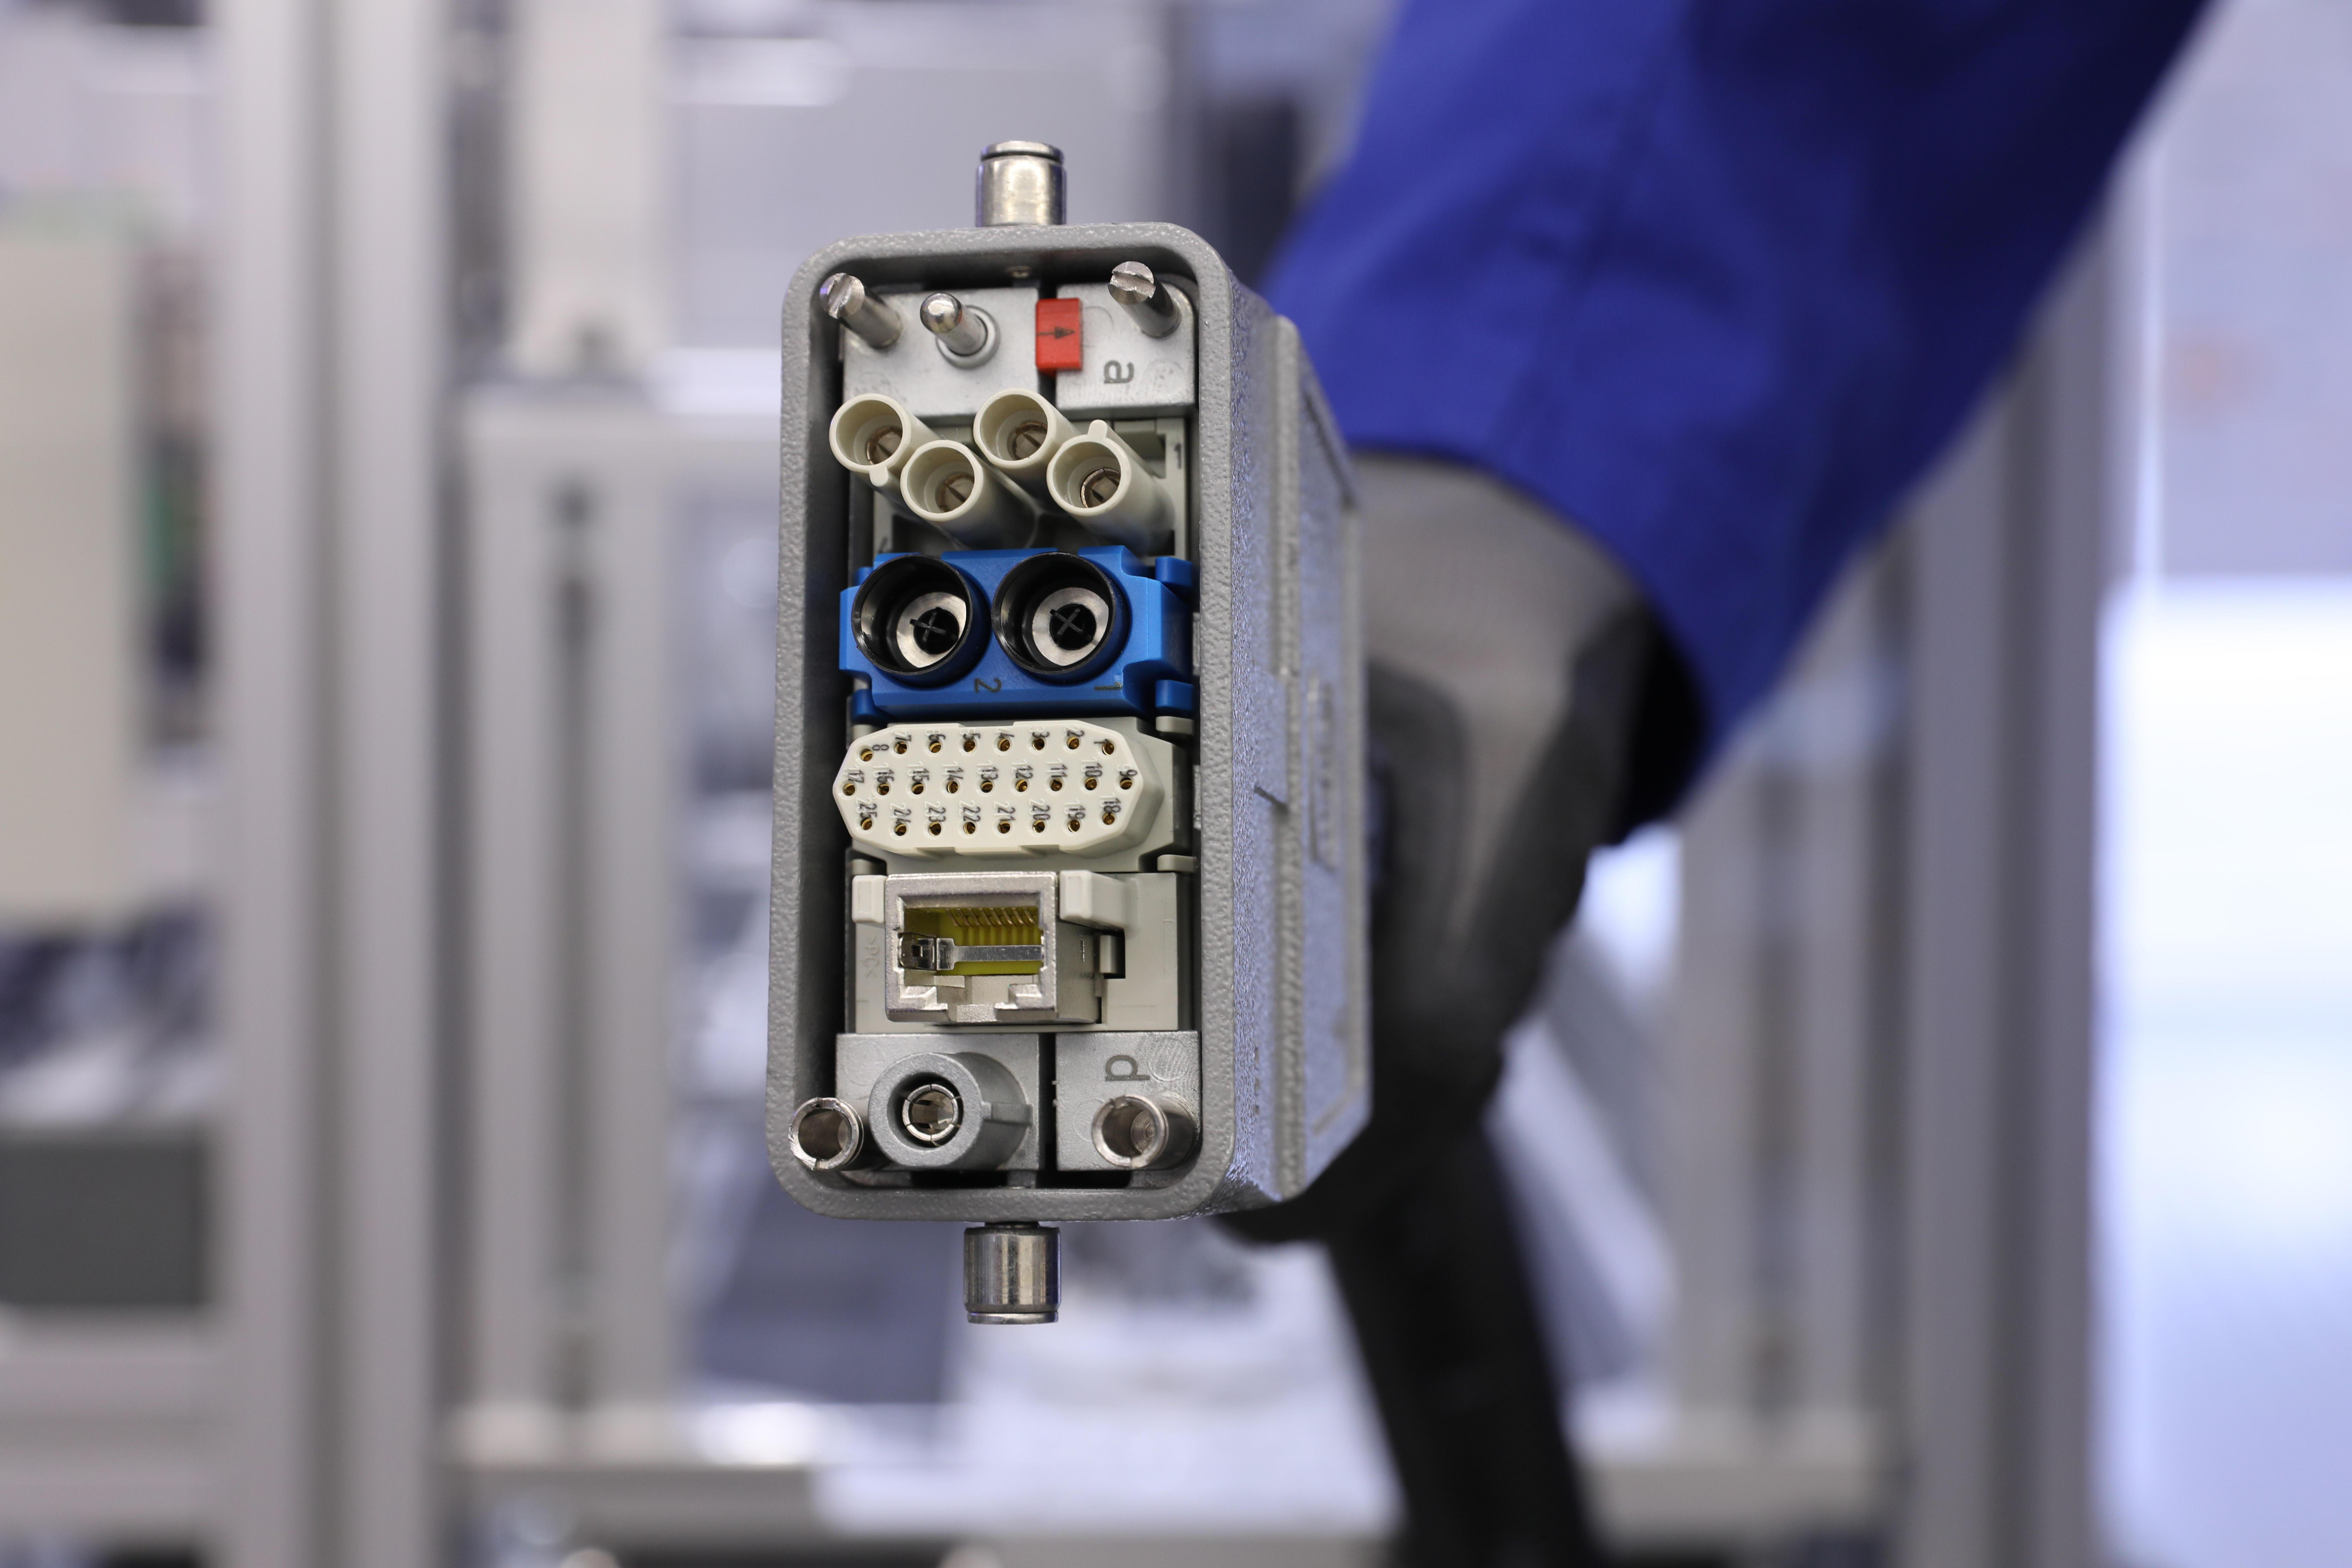 Detailbild des Infrastuktur-Steckers der SmartFactory-KL.